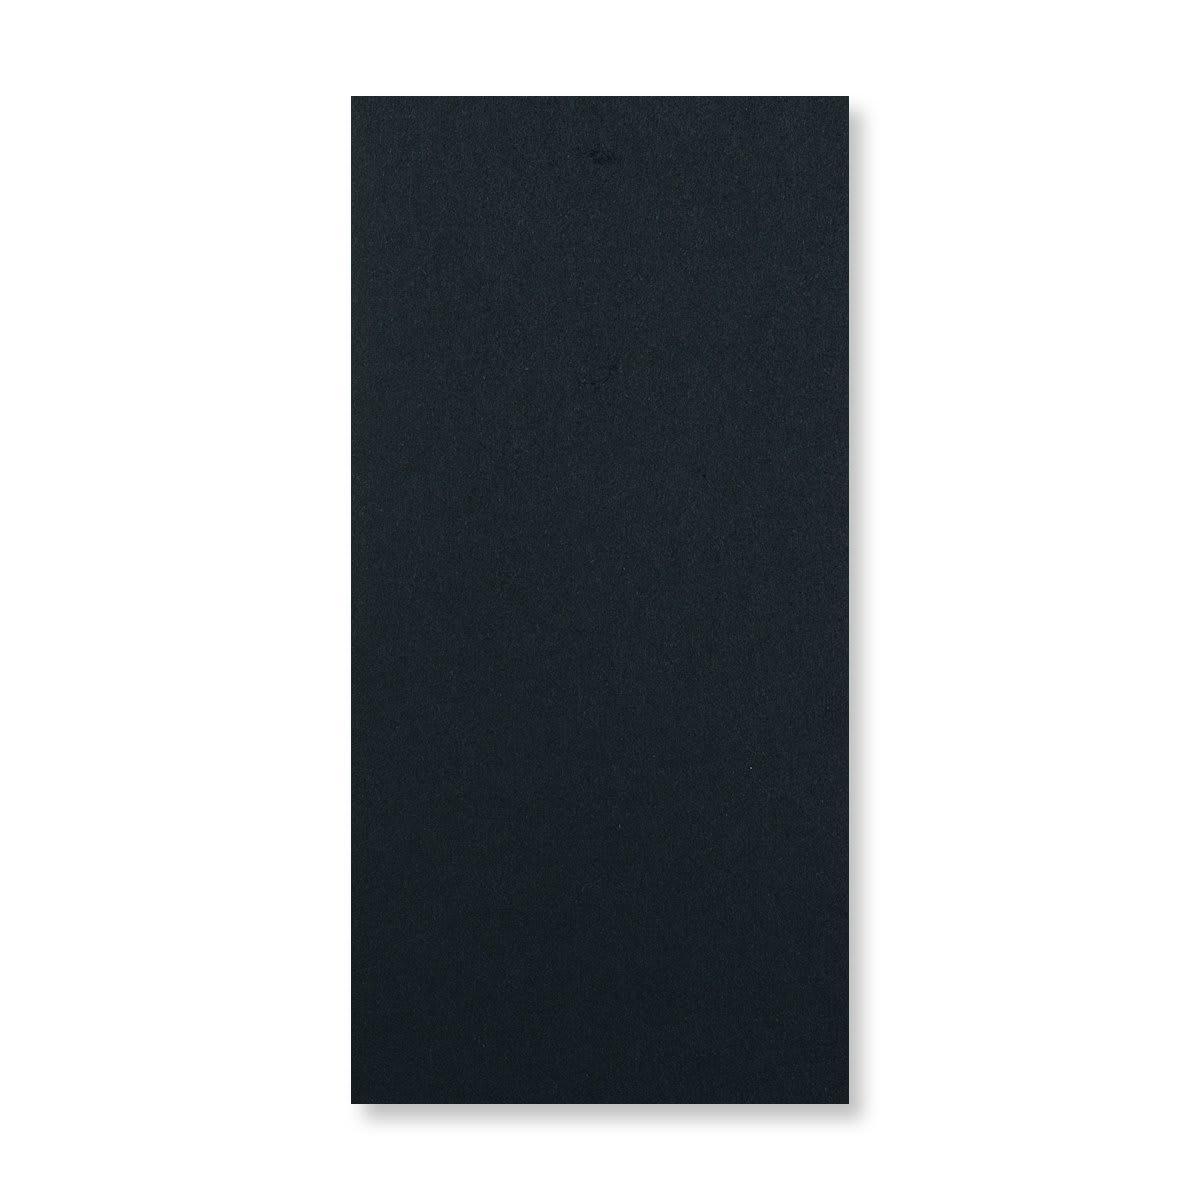 DL BLACK STRING & WASHER ENVELOPES 180GSM